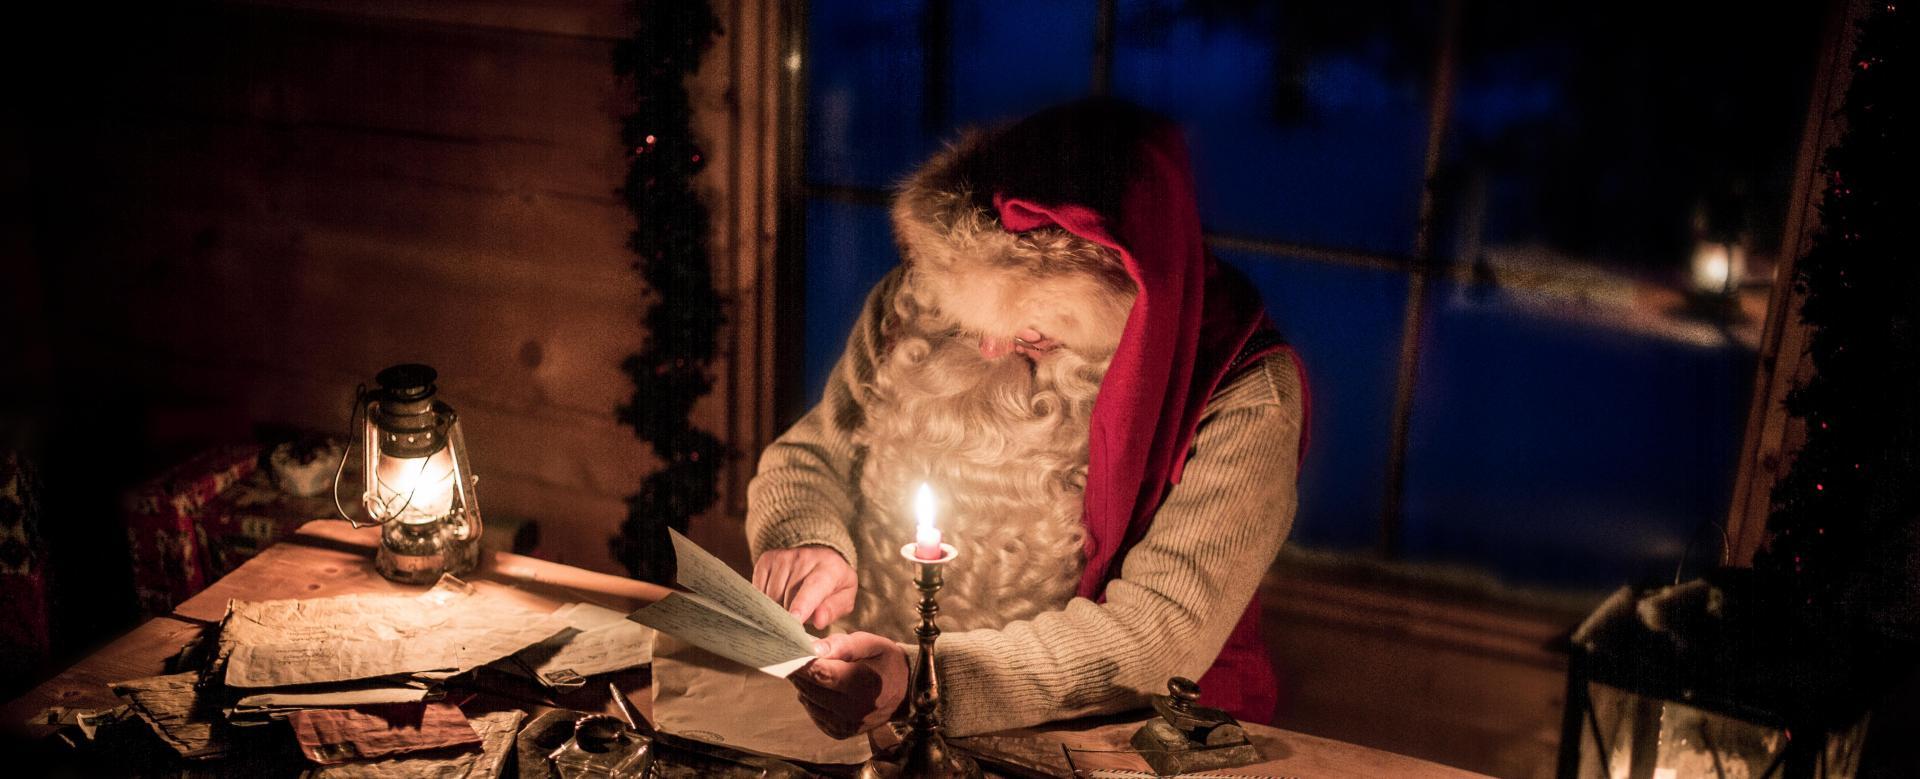 Voyage à la neige : A la rencontre du père noël